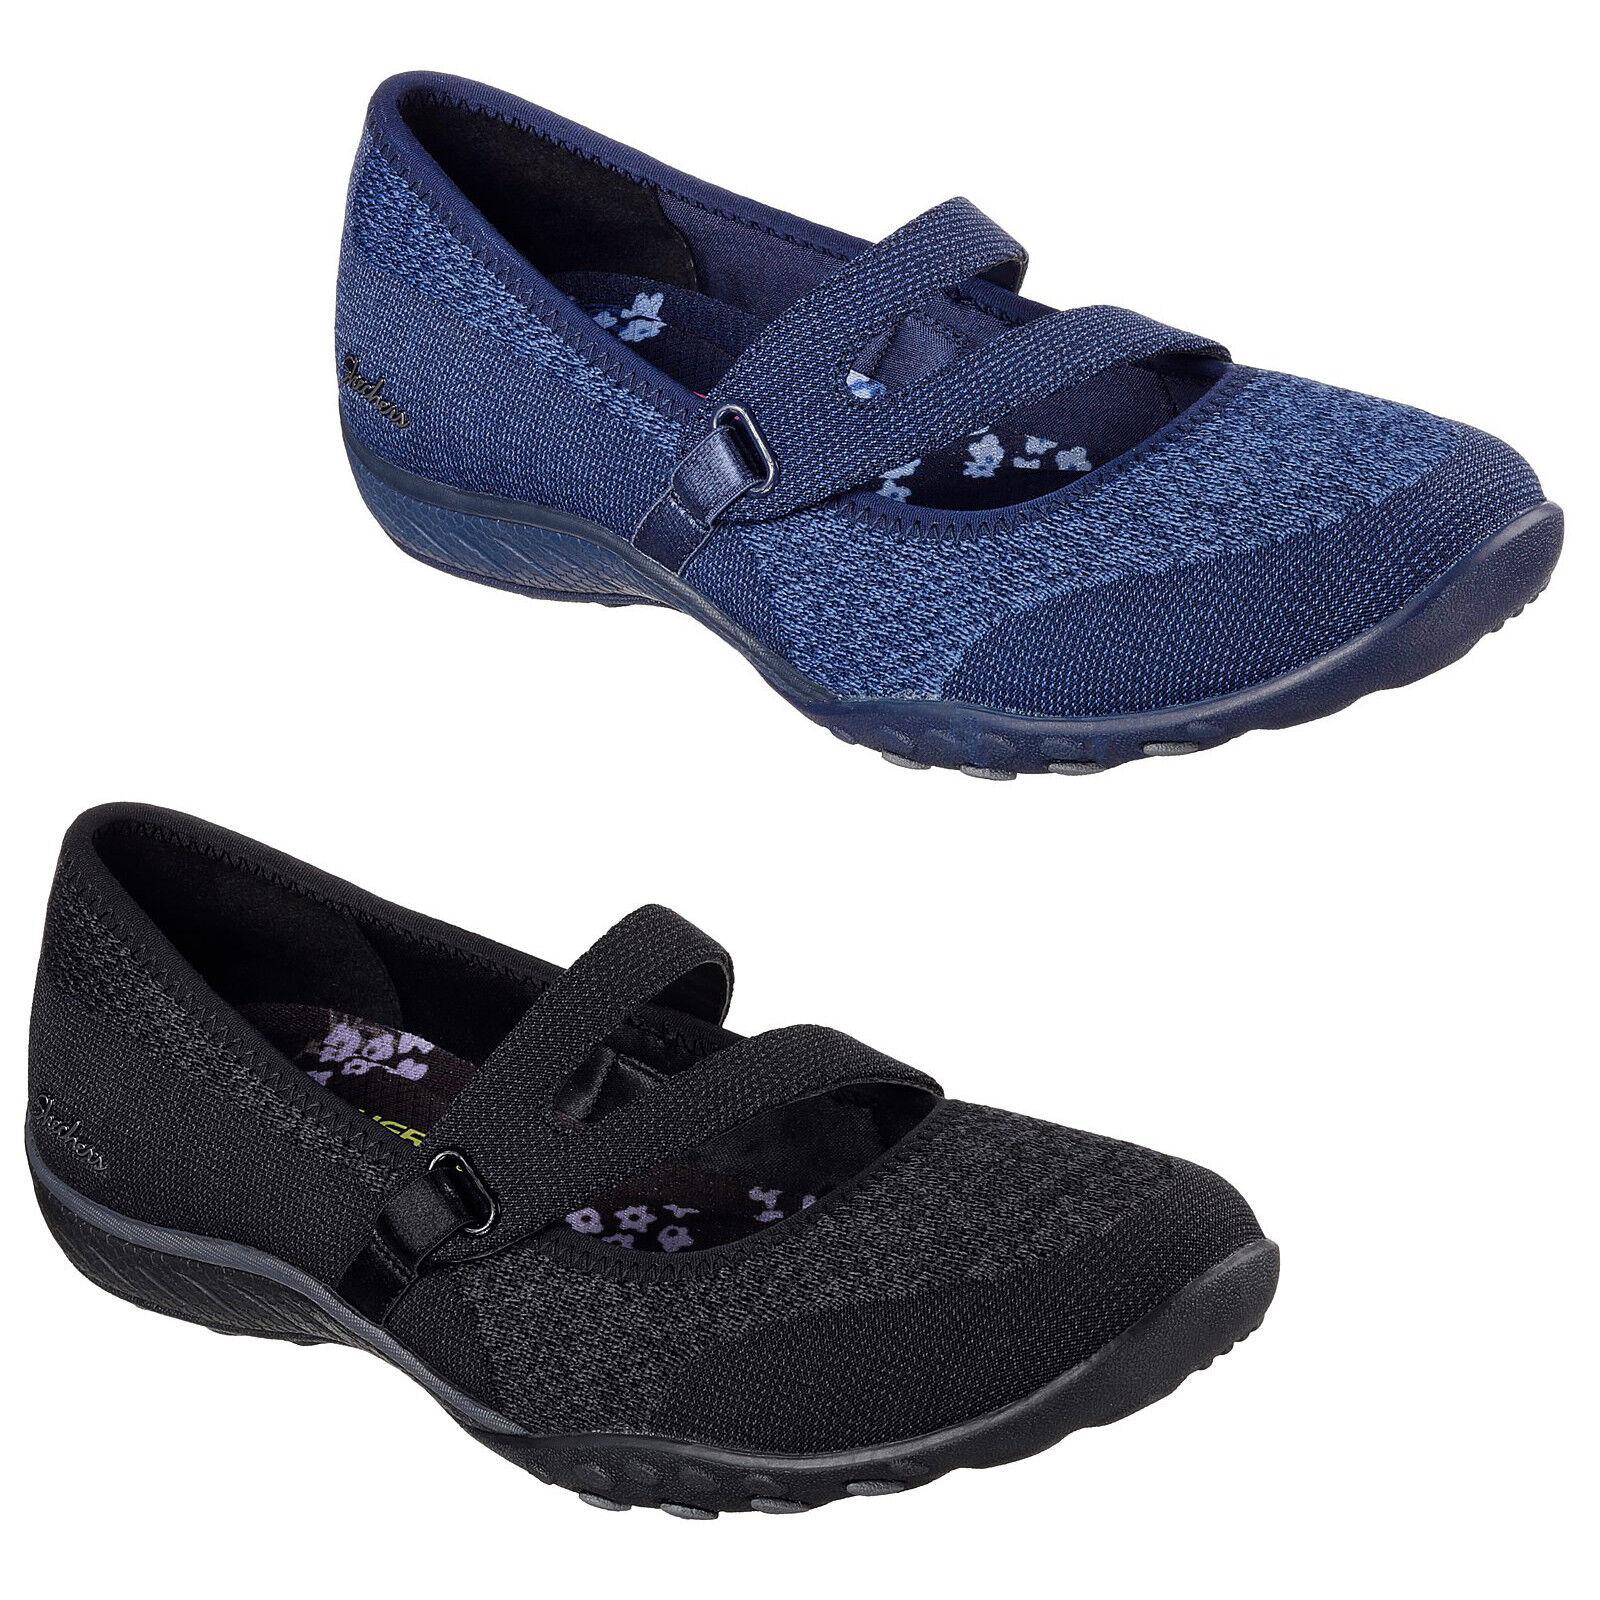 Skechers Relaxed Relaxed Relaxed Fit  Respirar Fácil-Zapatos Zapatillas para mujer Correa de día de suerte 23005  estar en gran demanda